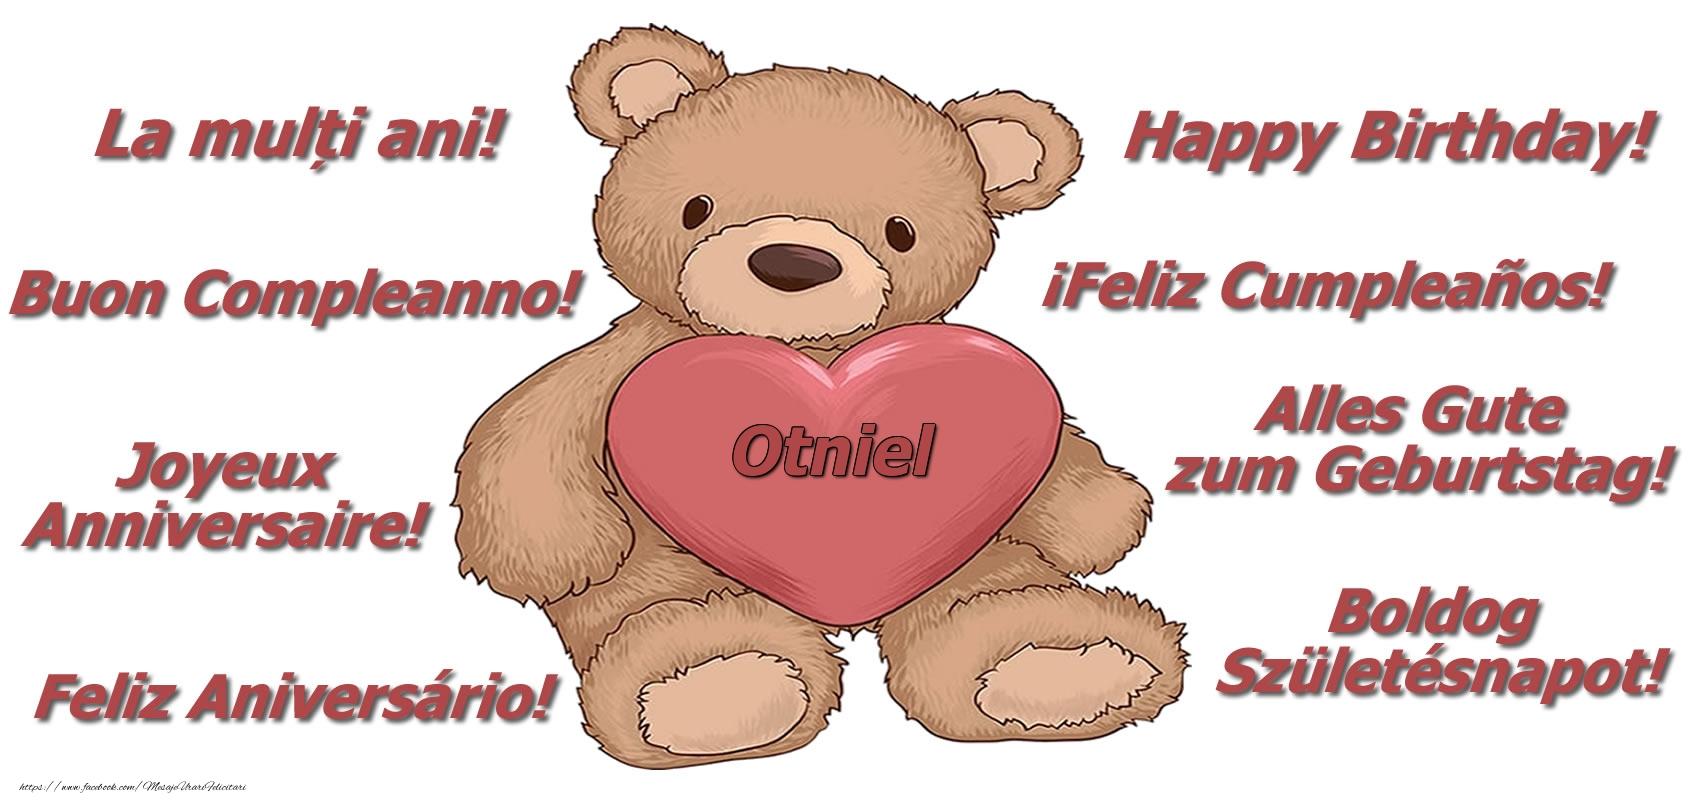 Felicitari de zi de nastere - La multi ani Otniel! - Ursulet